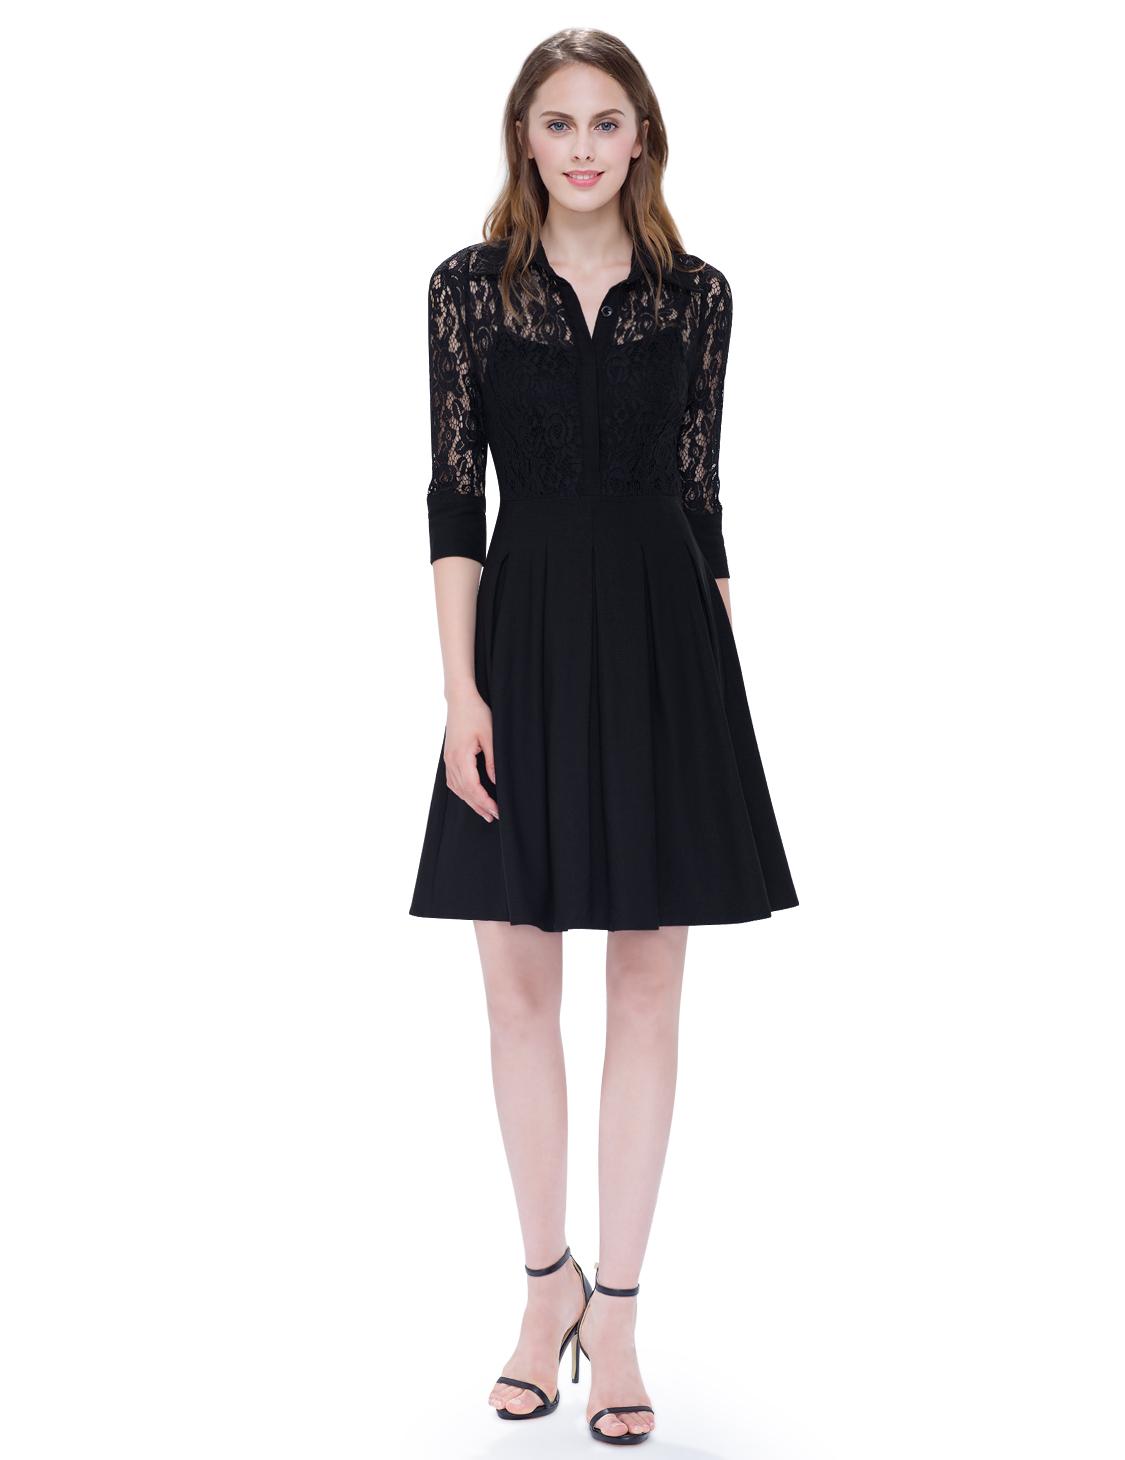 8b37816d7d56 Malé černé šaty koktejlky krajkové s rukávem 36 S